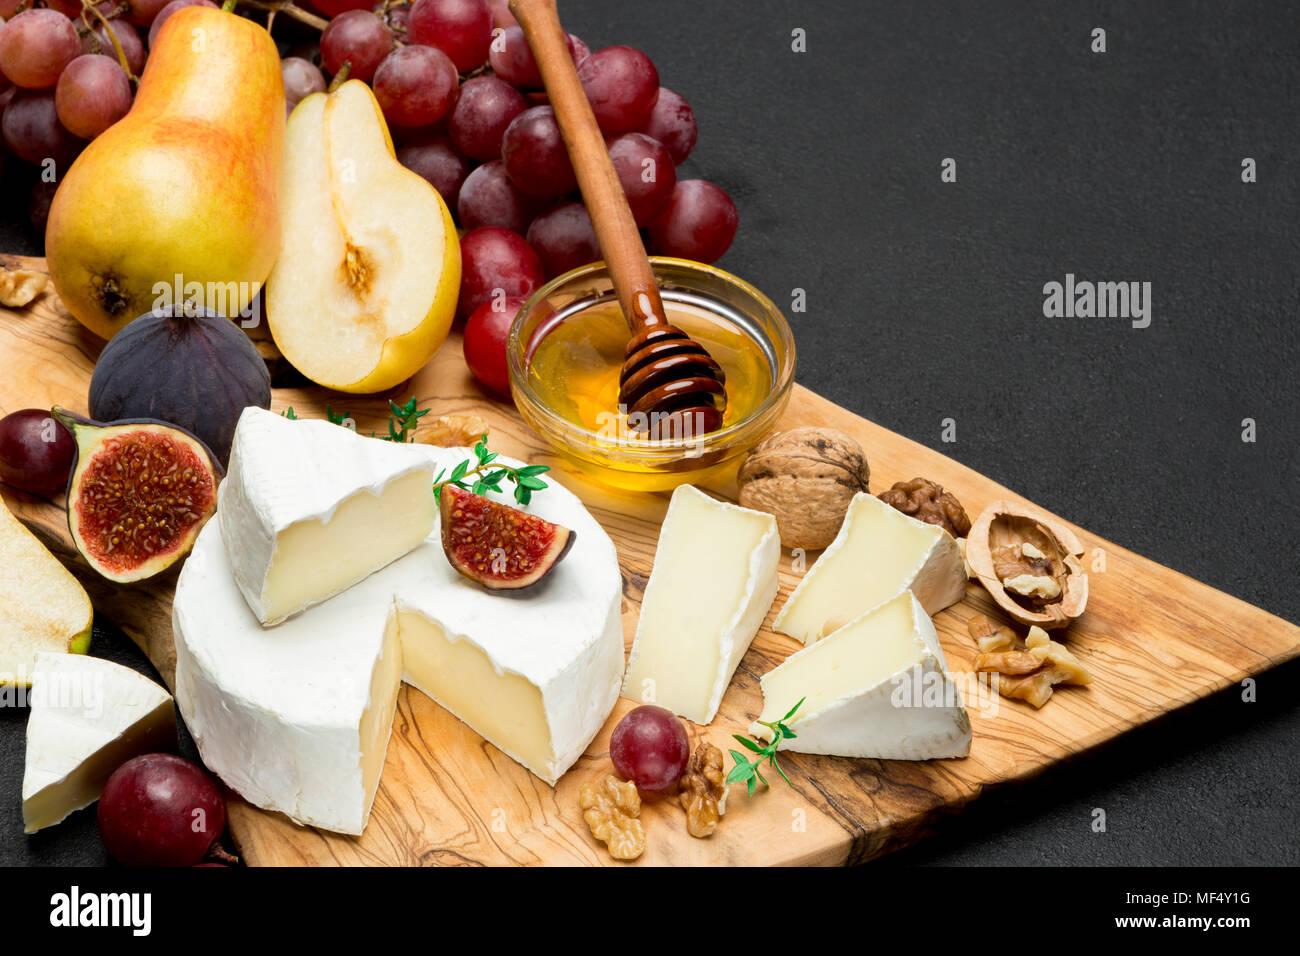 Scheibe der Französischen Brie oder Camembert Käse und Birnen auf Holzbrett Stockbild